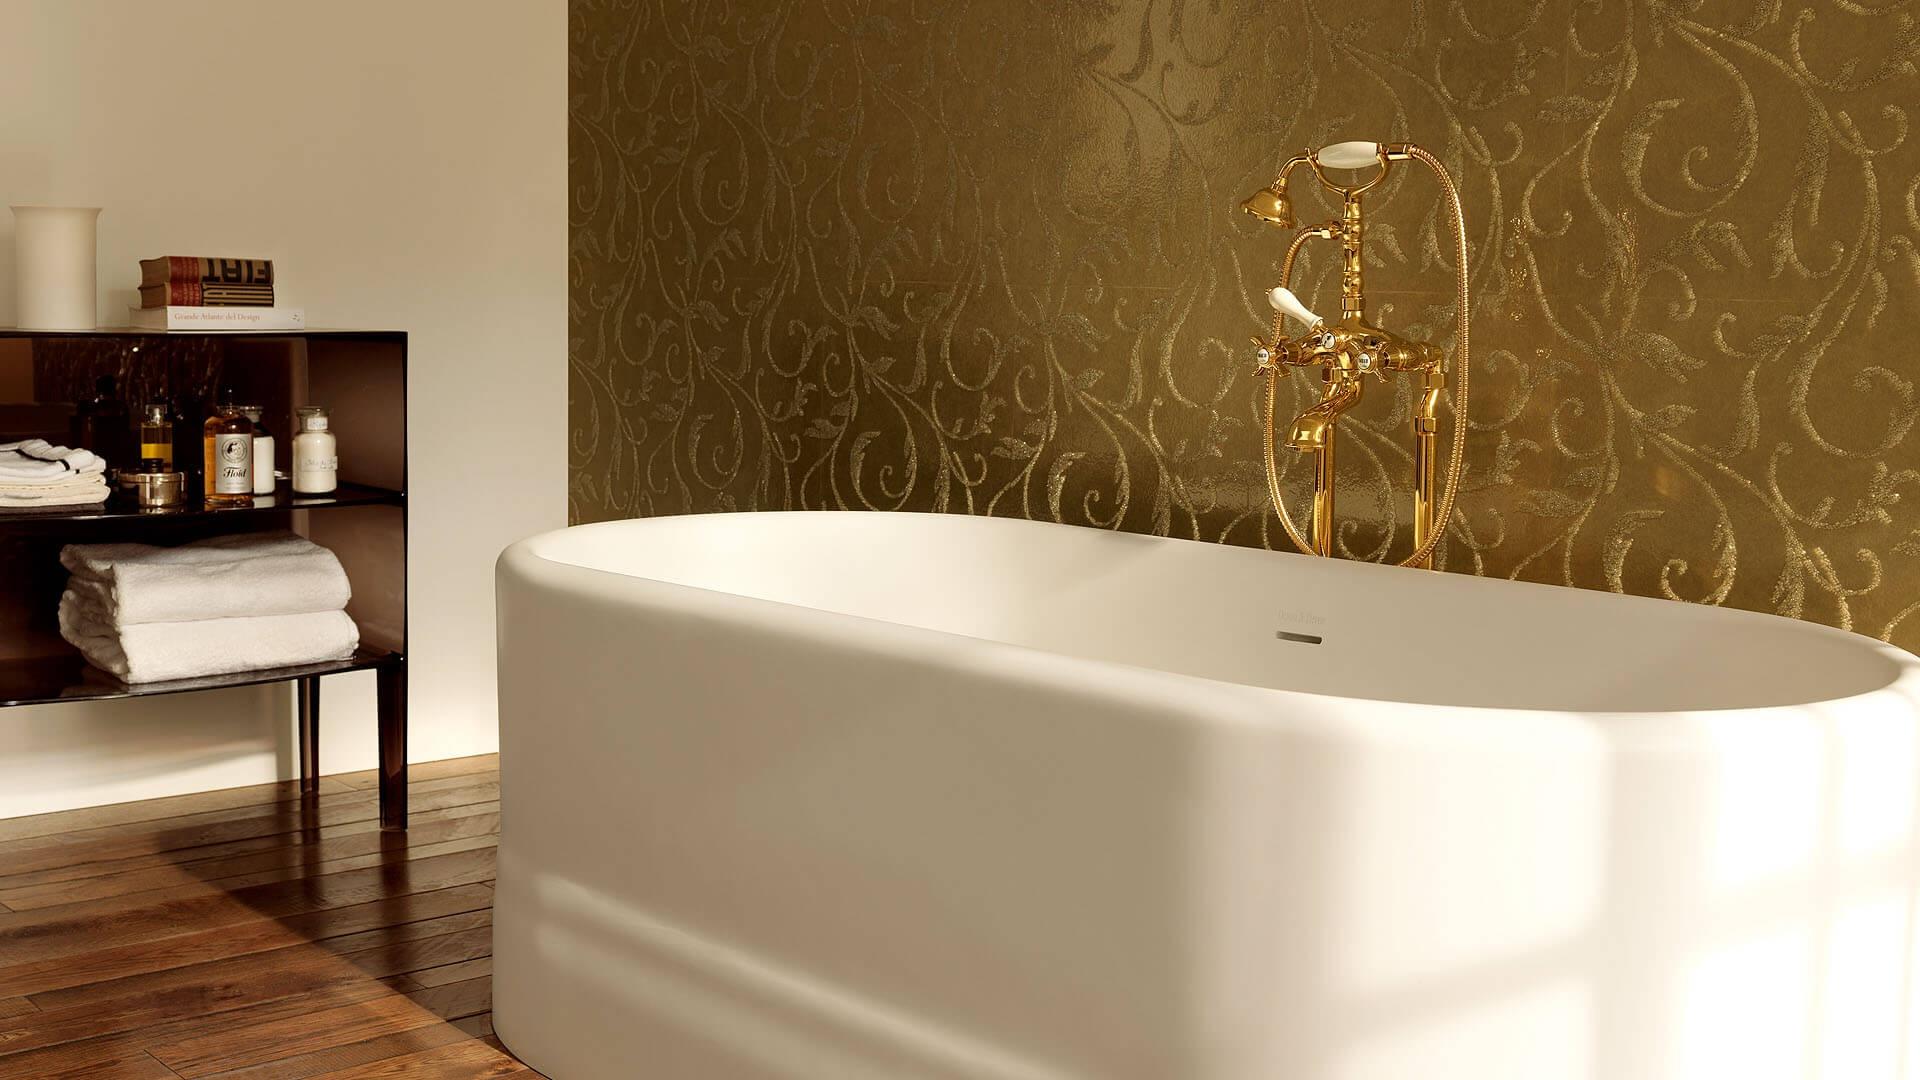 sp cialiste salle de bain la m e sur seine 77 les gr s de cologne. Black Bedroom Furniture Sets. Home Design Ideas